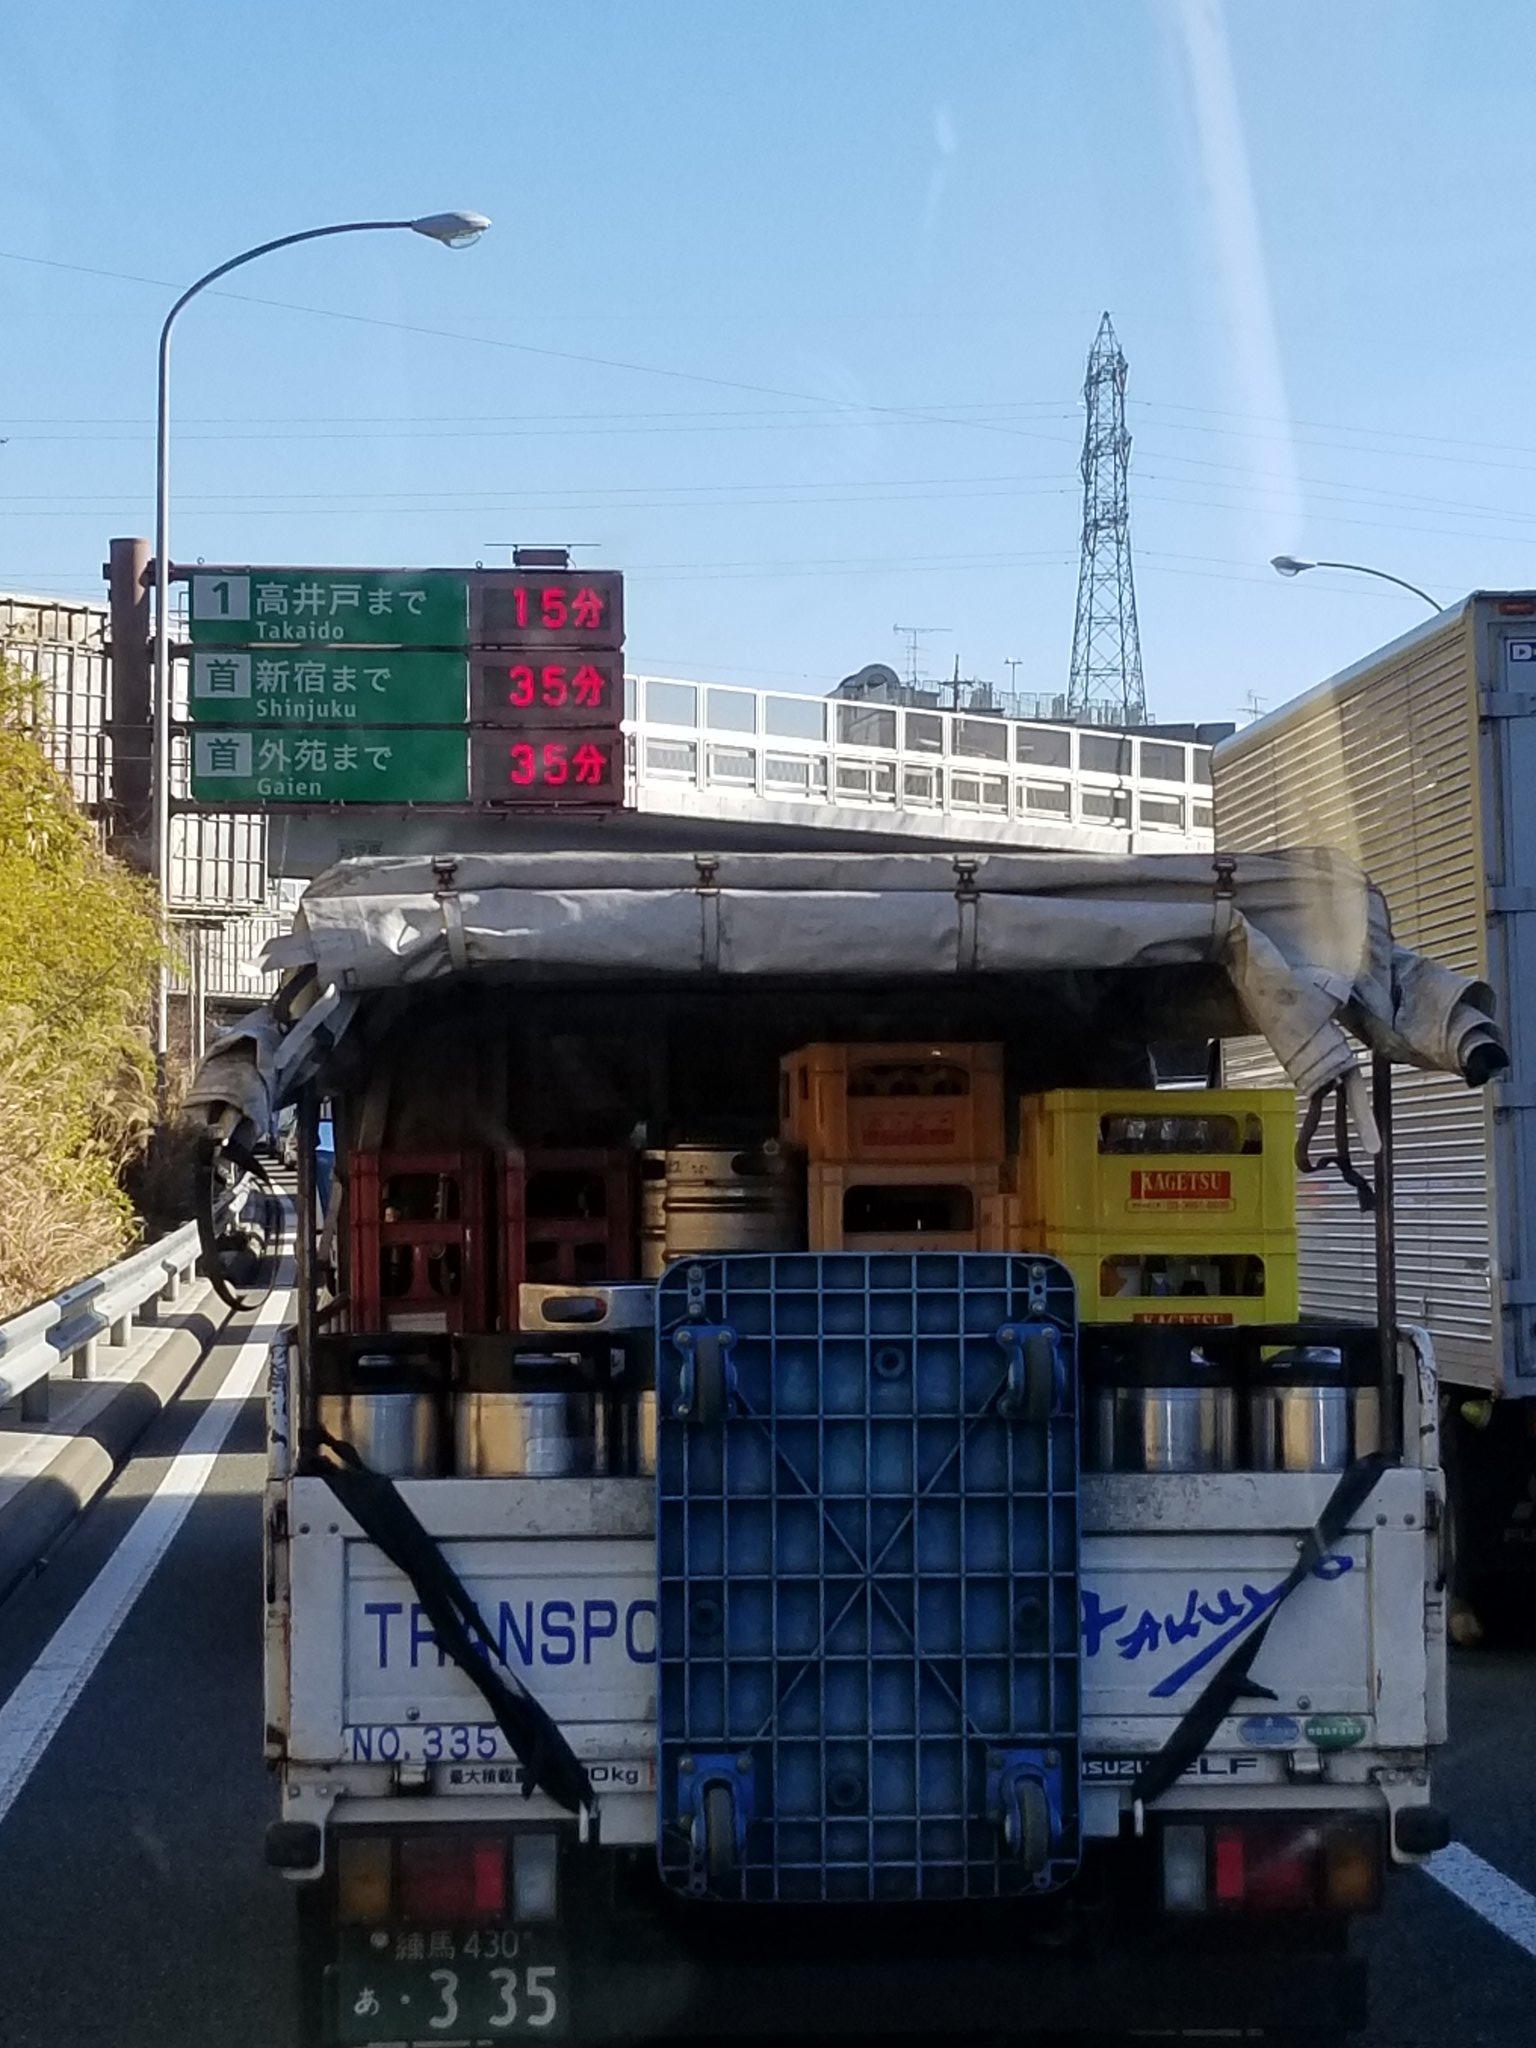 画像,#絵堂橋 橋下から渋滞始まりなう#中央道#ワタシトラフィックニュース https://t.co/4ipENRuIEH。